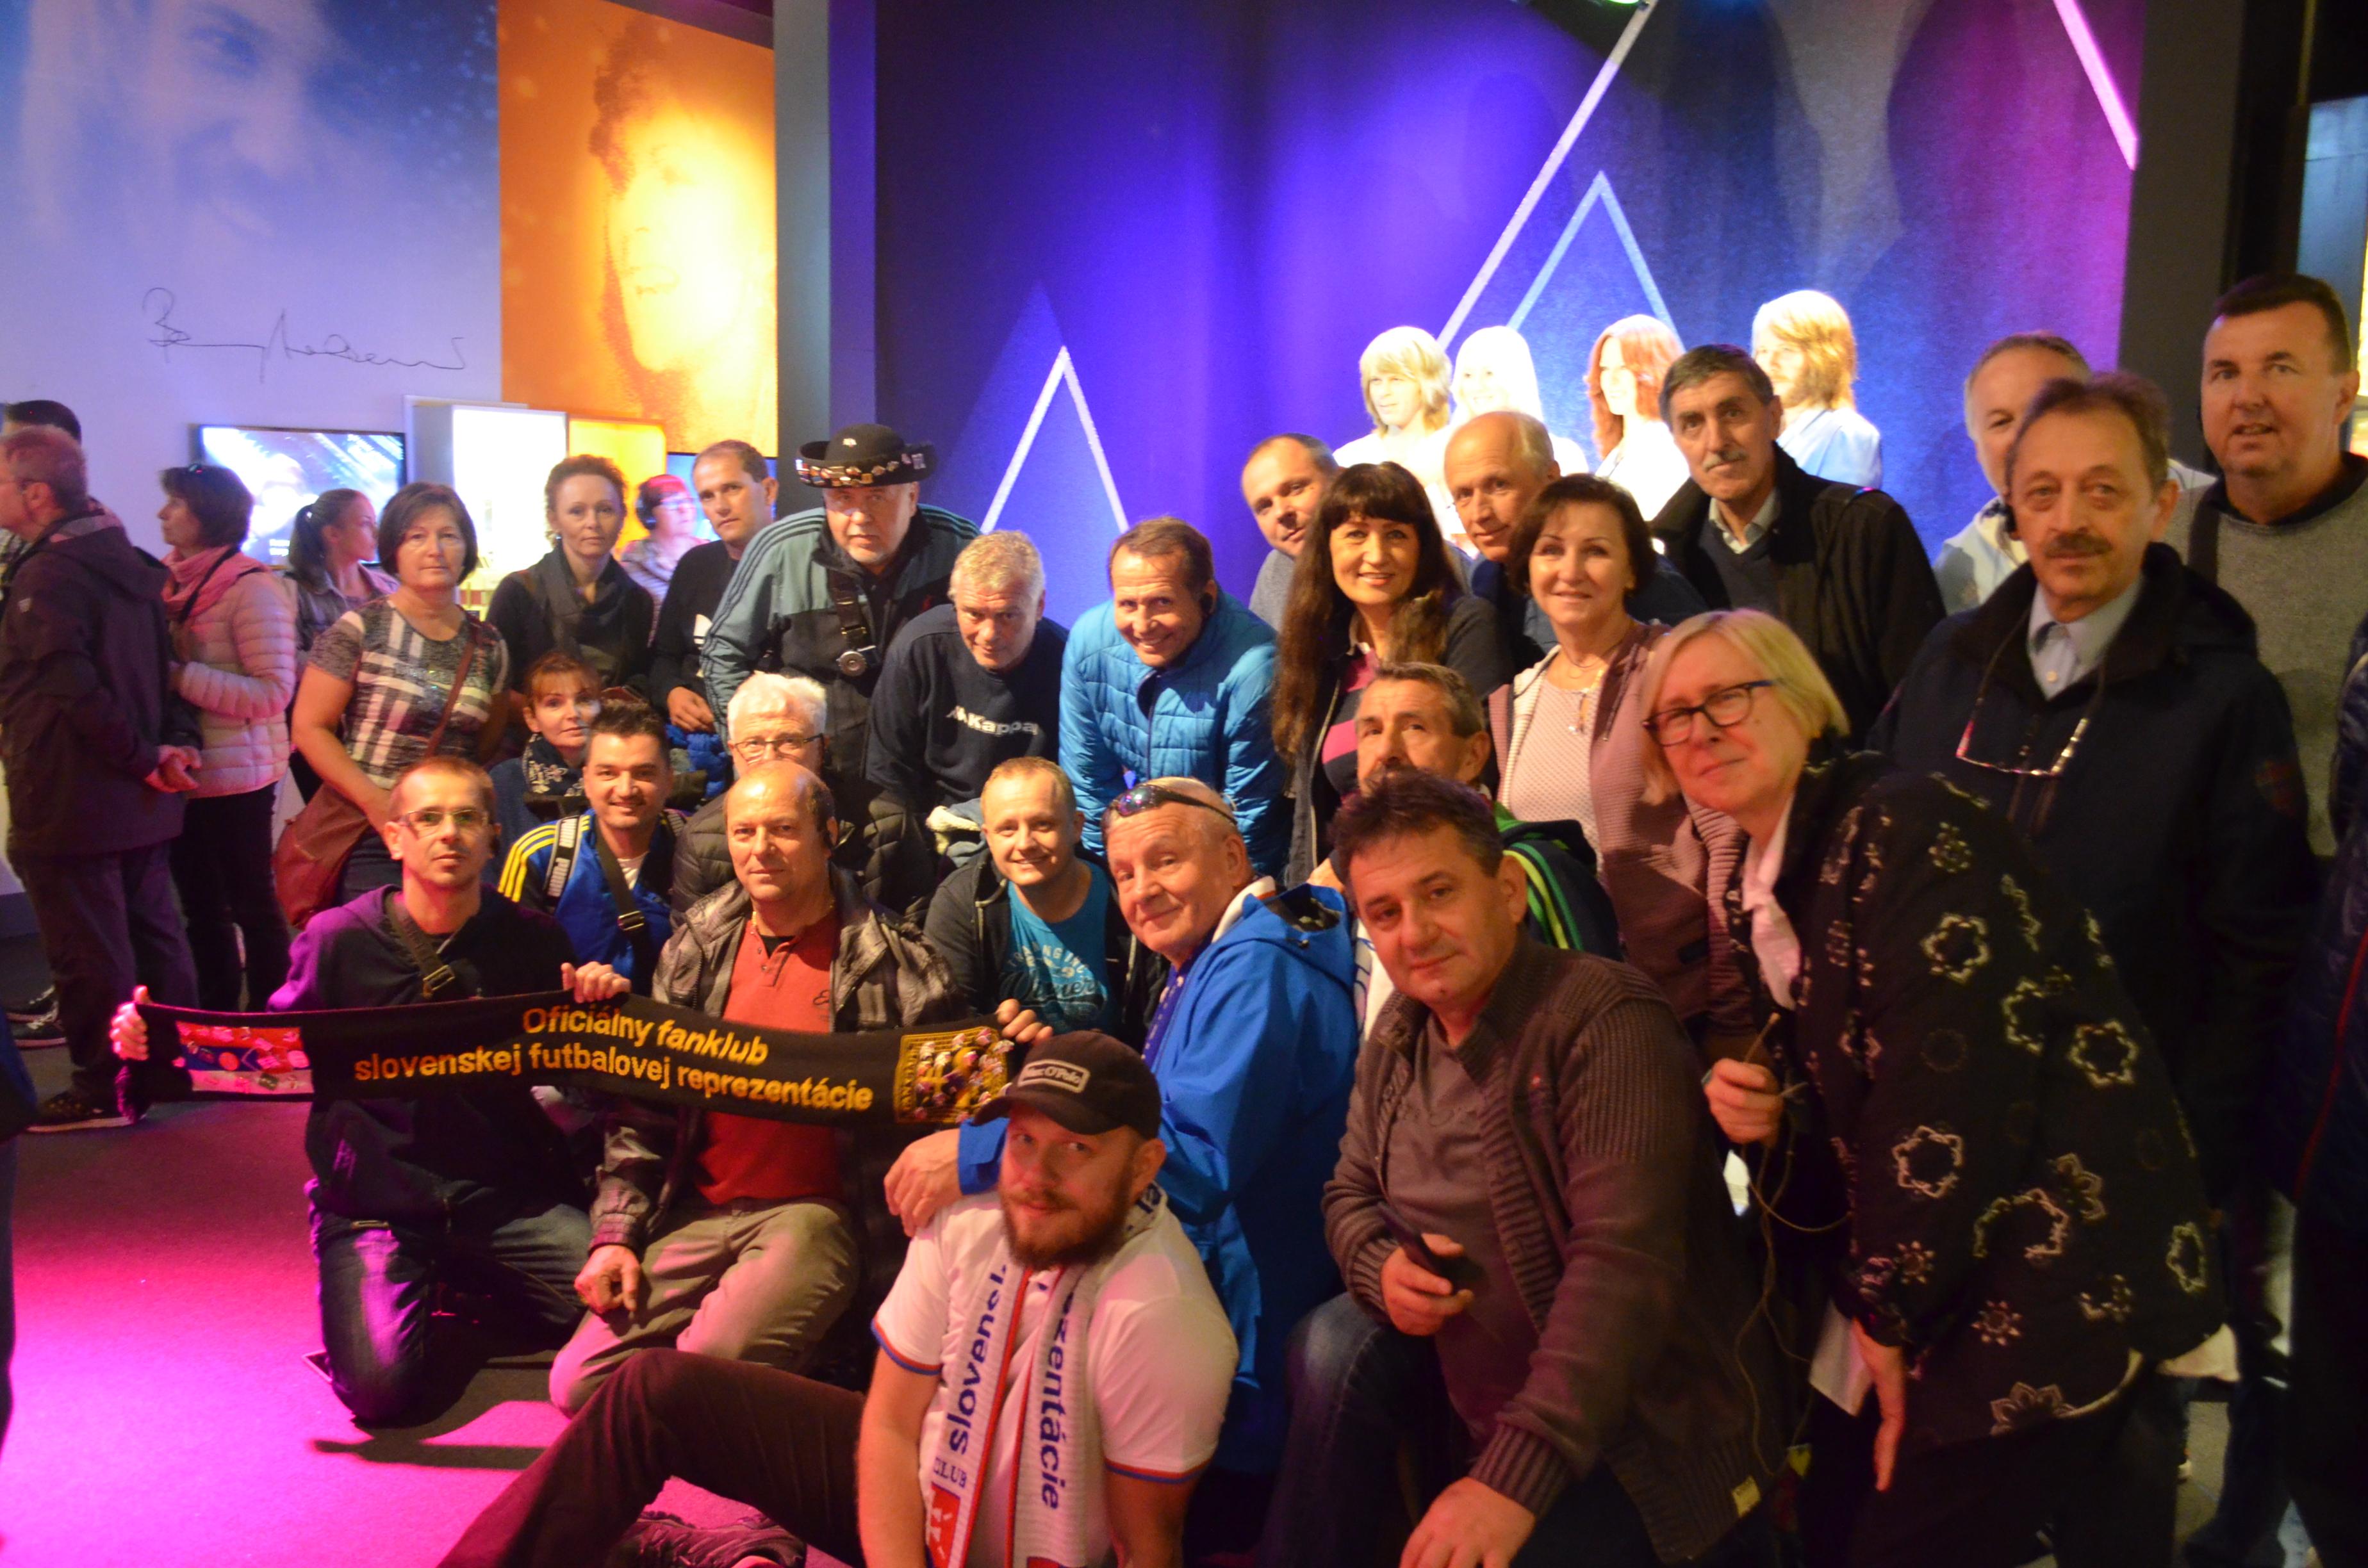 Fanklubákov privítal Štokholm nádherným počasím – tak mi sme ho za odmenu  prešli krížom krážom po súši a aj po vode 1a20e9b666